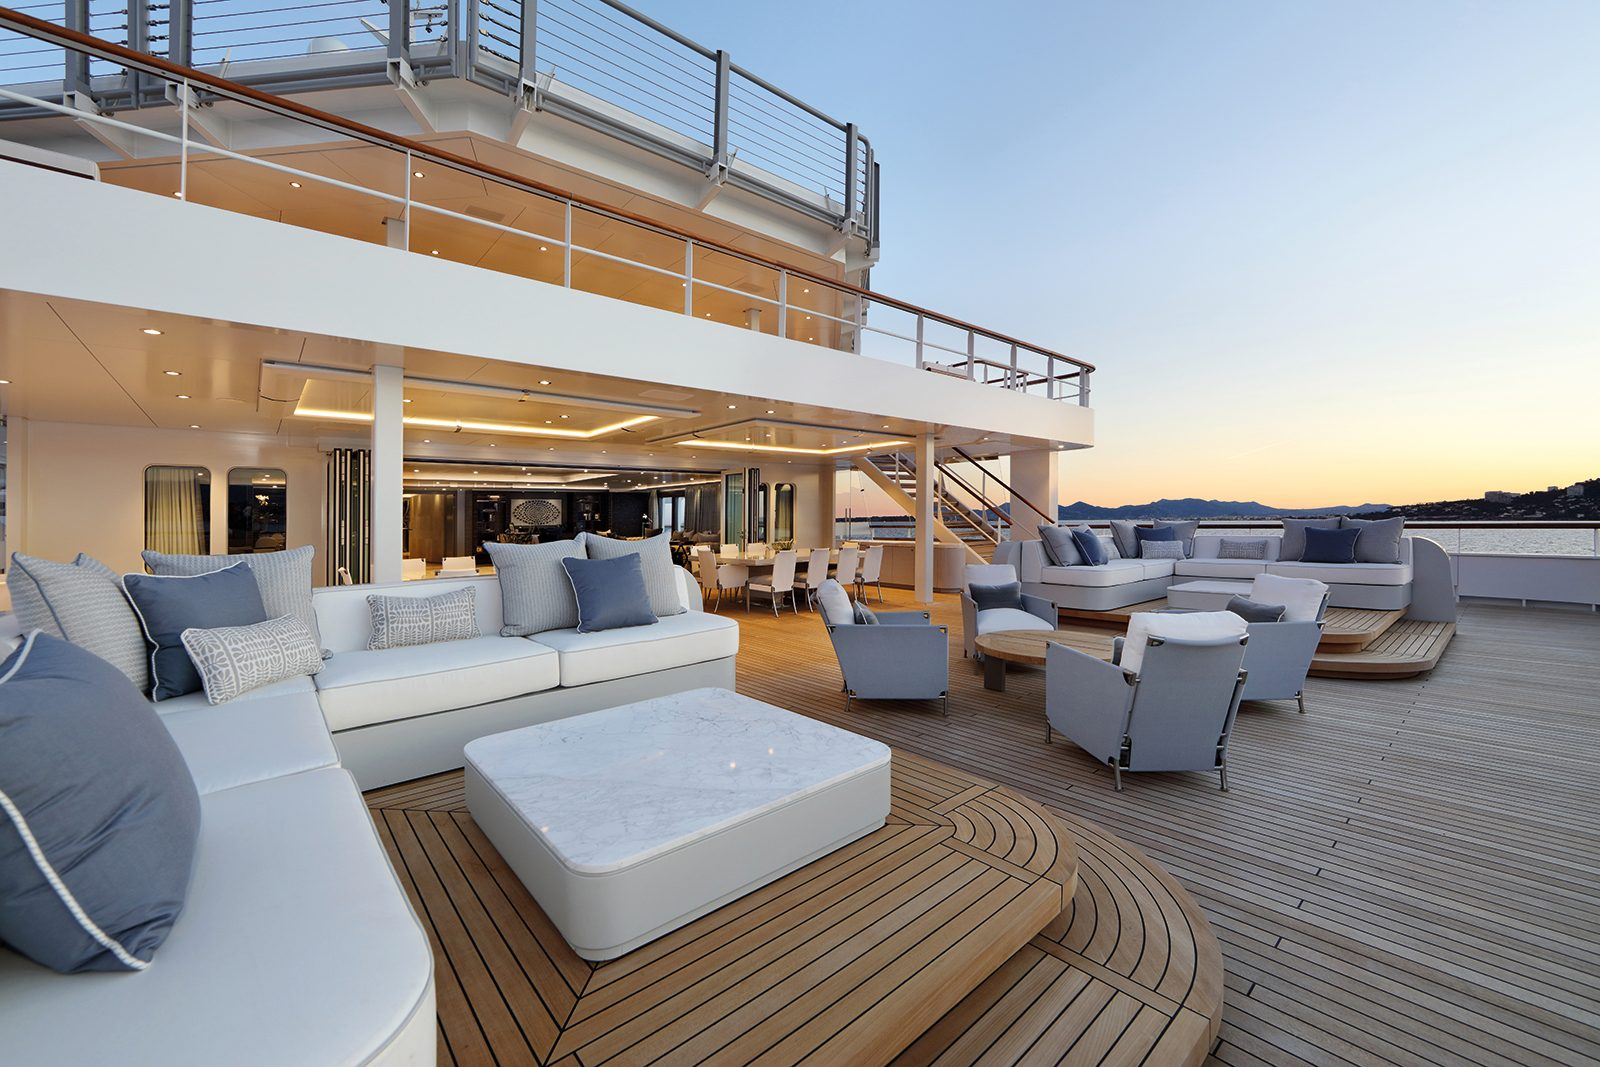 Dream House Exterior Luxury